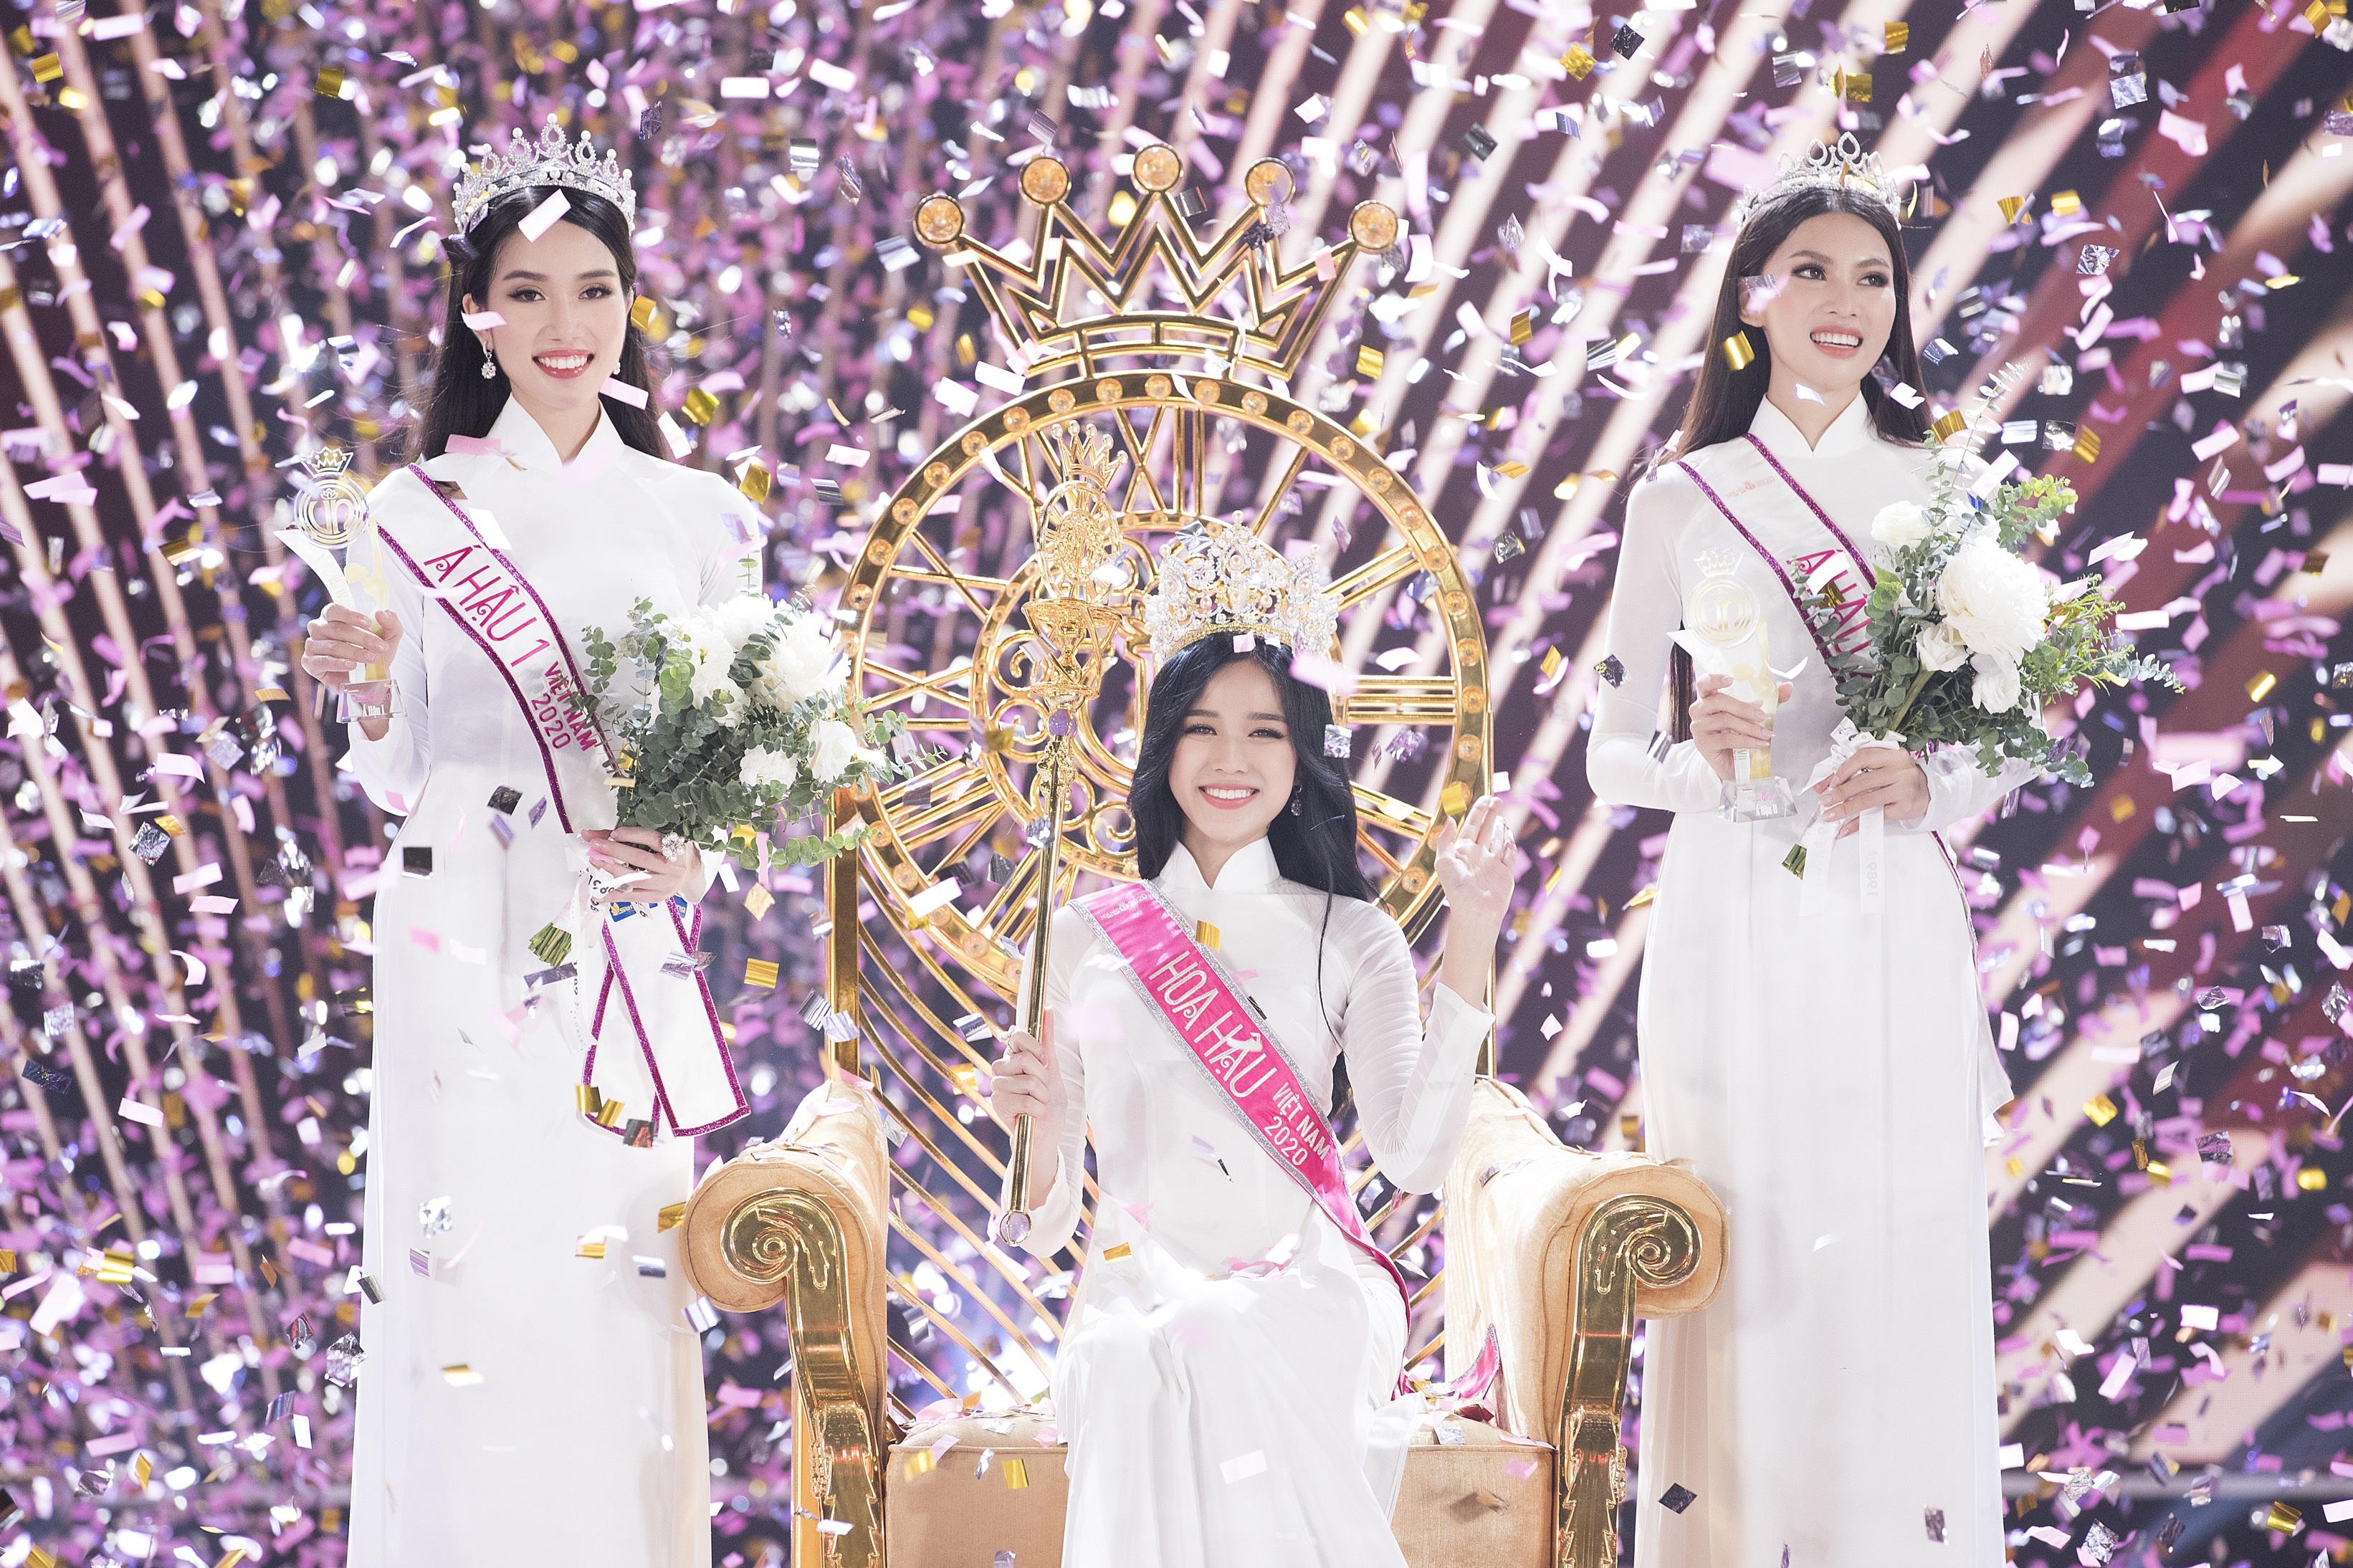 Giây phút đăng quang của Hoa hậu và hai Á hậu Hoa hậu Việt Nam 2020